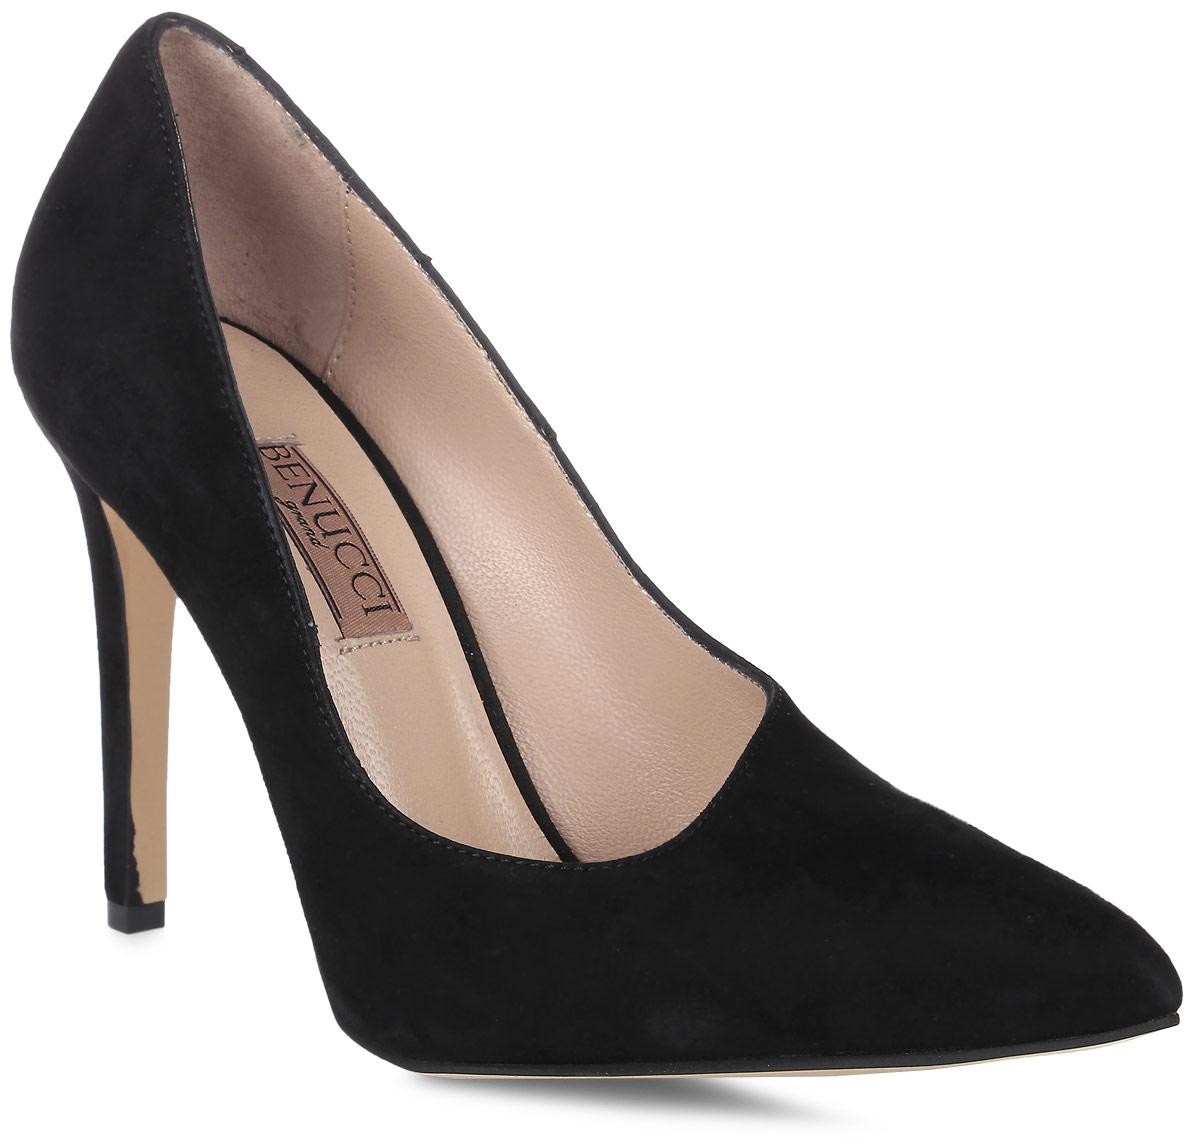 Туфли женские Benucci, цвет: черный. 5870_замша. Размер 375870_замшаИзысканные женские туфли от Benucci поразят вас своим дизайном! Модель выполнена из натуральной замши. Подкладка и стелька - из натуральной кожипозволят ногам дышать и обеспечат максимальный комфорт при ходьбе. Зауженный носок добавит женственности в ваш образ. Высокий каблук-шпилька устойчив. Подошва с рифлением обеспечивает идеальное сцепление с любой поверхностью. Изысканные туфли добавят в ваш образ немного шарма и подчеркнут ваш безупречный вкус.